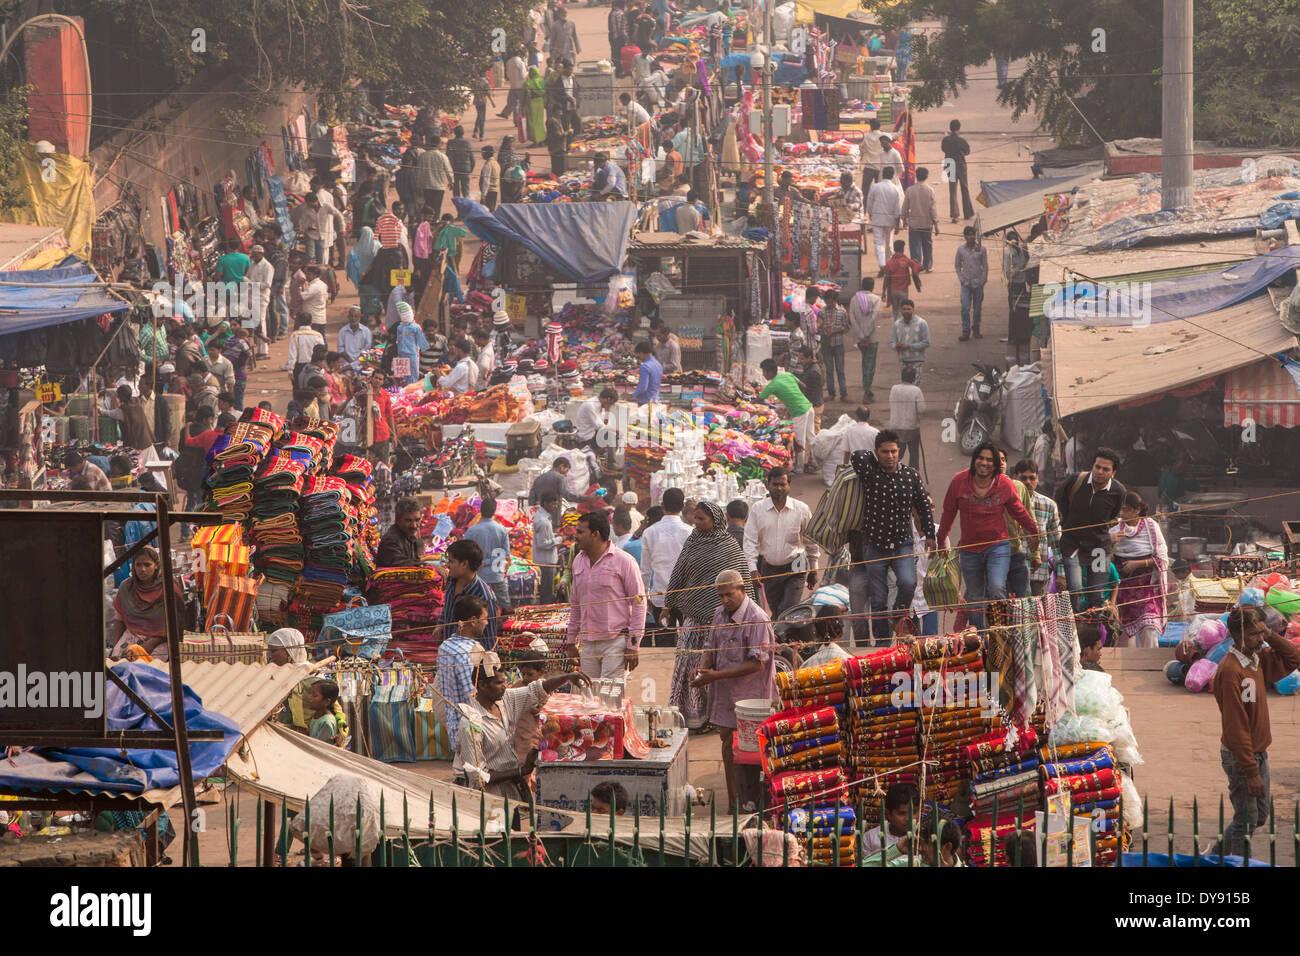 Calle, Delhi, Asia, pueblo, ciudad, mercado, persona, muchos, Imagen De Stock